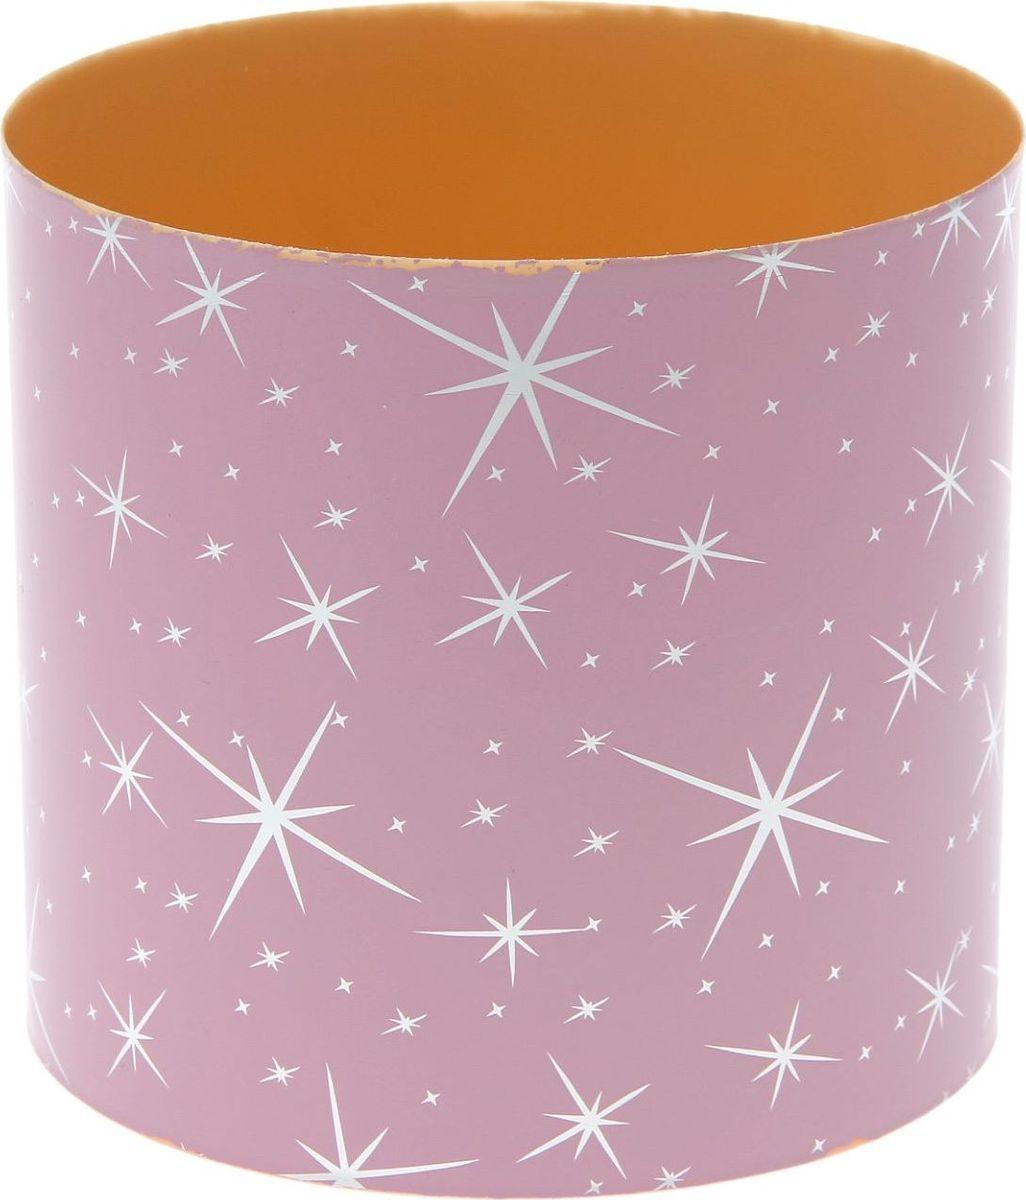 Горшок для цветов Simple Garden Звезды, со скрытым поддоном, цвет: розовый металлик, 5,1 л1915384Любой, даже самый современный и продуманный интерьер будет незавершённым без растений. Они не только очищают воздух и насыщают его кислородом, но и украшают окружающее пространство. Такому полезному члену семьи просто необходим красивый и функциональный дом! Мы предлагаем #name#! Оптимальный выбор материала — пластмасса! Почему мы так считаем?Малый вес. С лёгкостью переносите горшки и кашпо с места на место, ставьте их на столики или полки, не беспокоясь о нагрузке. Простота ухода. Кашпо не нуждается в специальных условиях хранения. Его легко чистить — достаточно просто сполоснуть тёплой водой. Никаких потёртостей. Такие кашпо не царапают и не загрязняют поверхности, на которых стоят. Пластик дольше хранит влагу, а значит, растение реже нуждается в поливе. Пластмасса не пропускает воздух — корневой системе растения не грозят резкие перепады температур. Огромный выбор форм, декора и расцветок — вы без труда найдёте что-то, что идеально впишется в уже существующий интерьер. Соблюдая нехитрые правила ухода, вы можете заметно продлить срок службы горшков и кашпо из пластика:всегда учитывайте размер кроны и корневой системы (при разрастании большое растение способно повредить маленький горшок)берегите изделие от воздействия прямых солнечных лучей, чтобы горшки не выцветалидержите кашпо из пластика подальше от нагревающихся поверхностей. Создавайте прекрасные цветочные композиции, выращивайте рассаду или необычные растения.